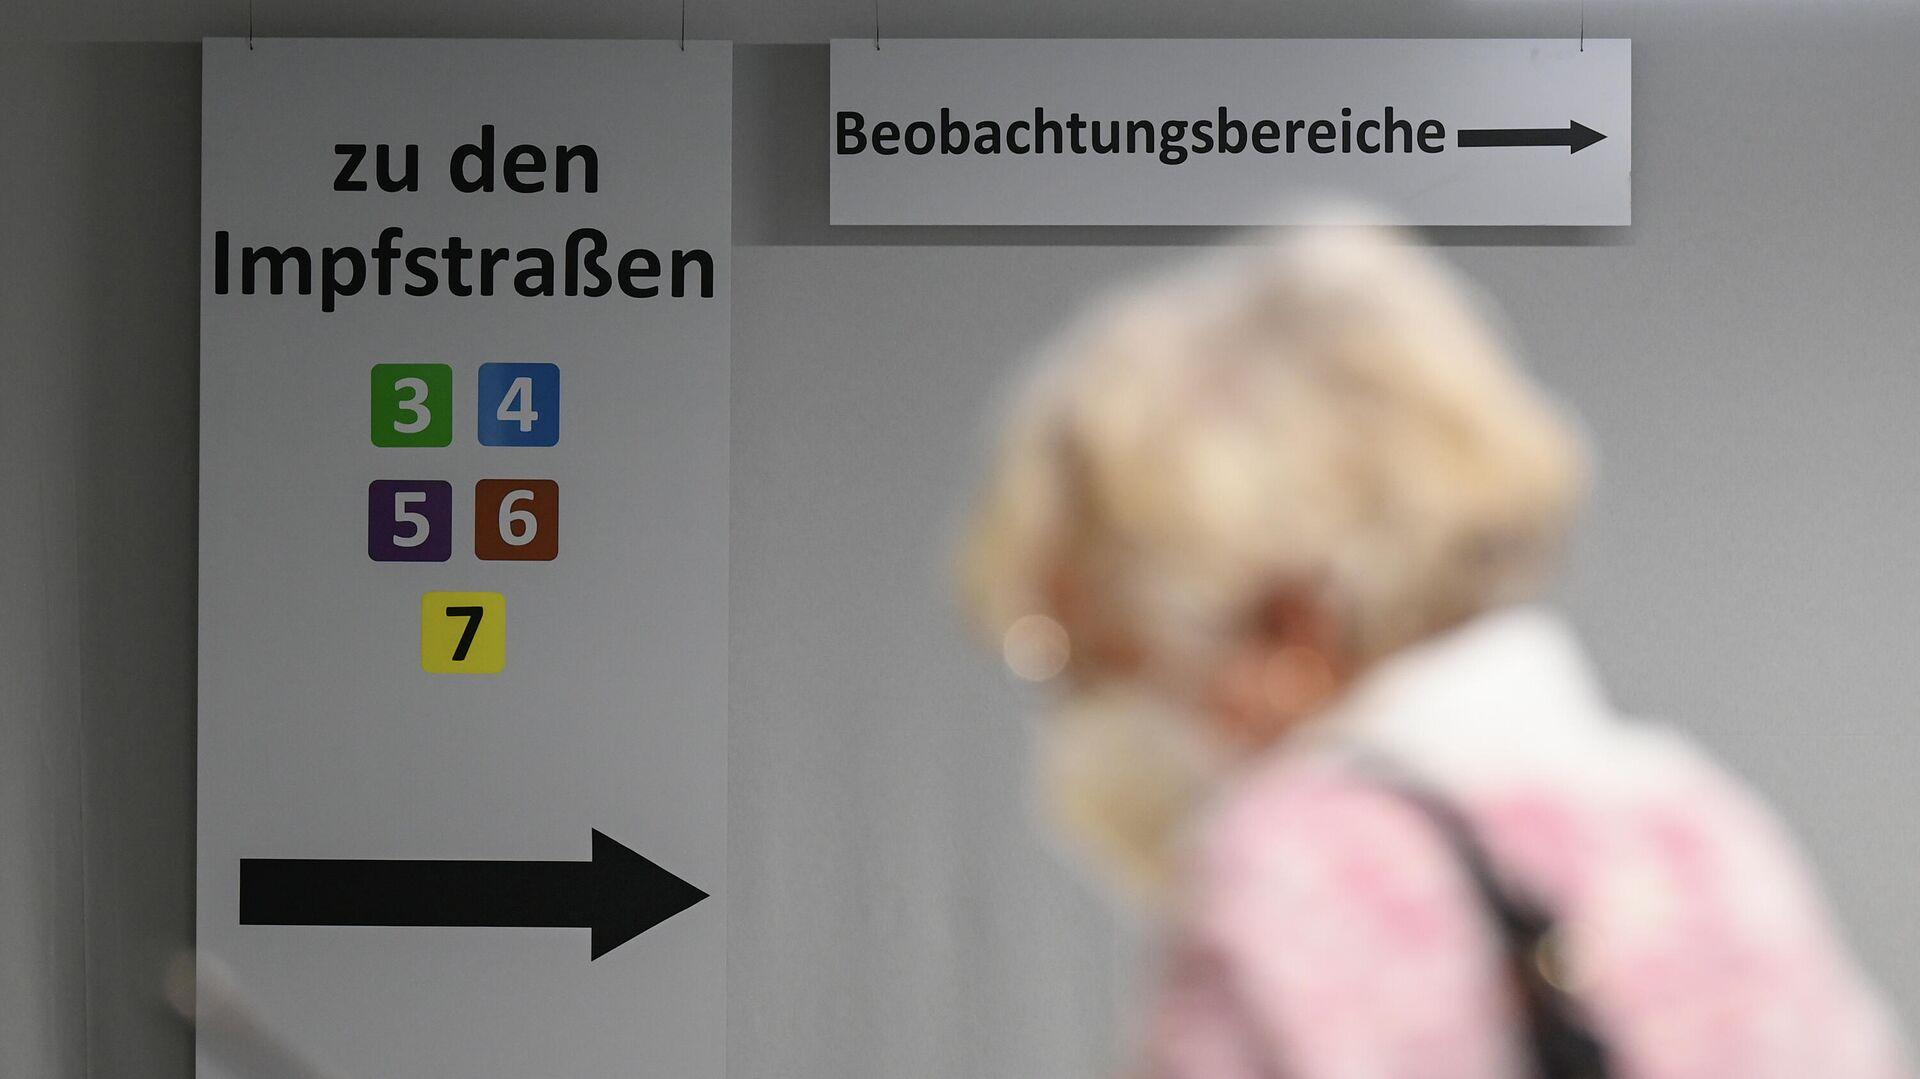 Gerda Müller, 86, besucht am 21. Januar 2021 ein Impfzentrum in Heuchelheim, Westdeutschland, um einen Impfstoff gegen COVID-19 zu erhalten. - SNA, 1920, 21.01.2021